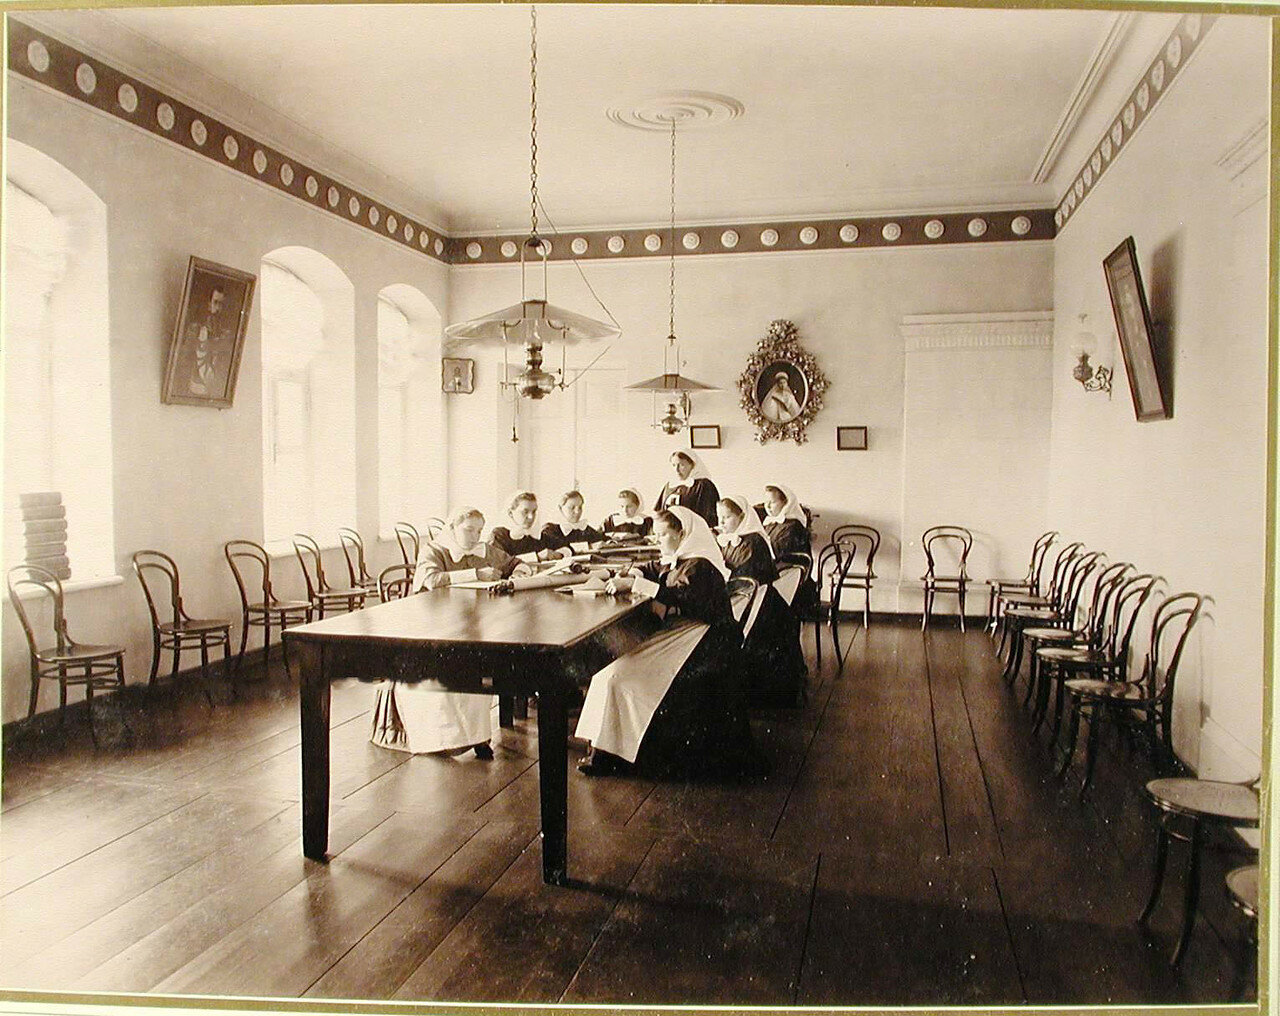 03.Группа сестёр милосердия в зале общины во время занятия